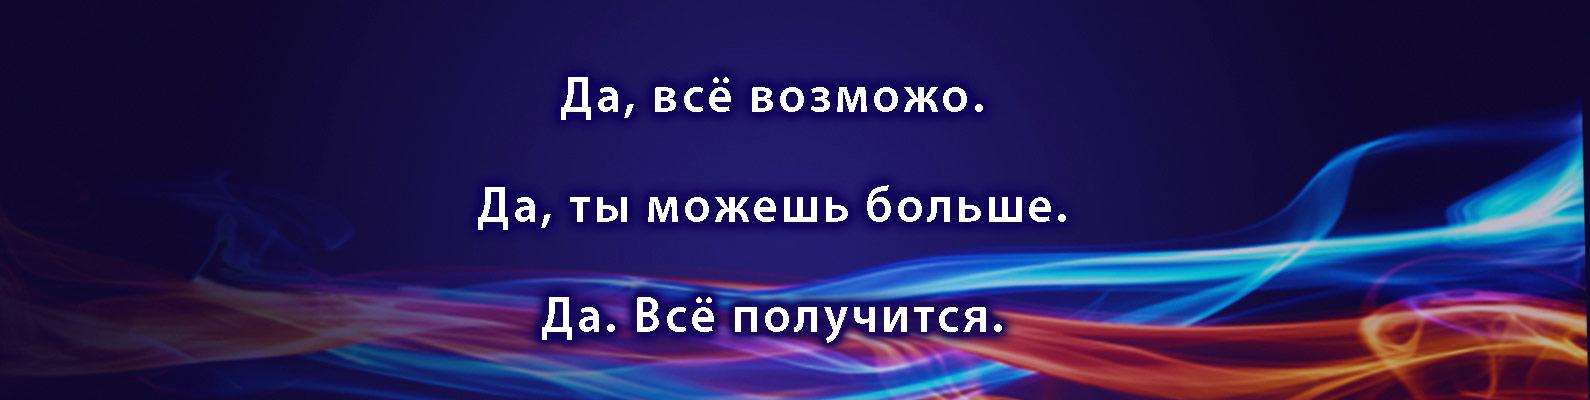 Андрей Кузнецов. Достичь даже невозможных целей: практикум